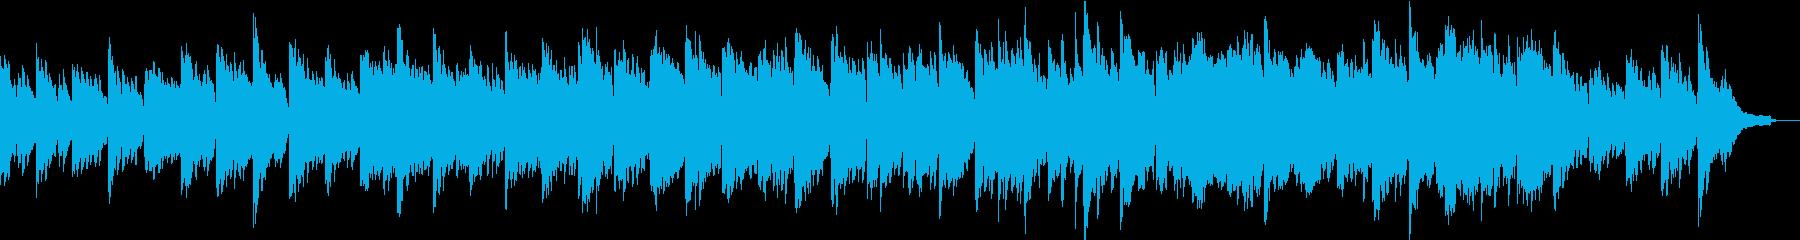 企業VPや映像にノスタルジックなピアノの再生済みの波形